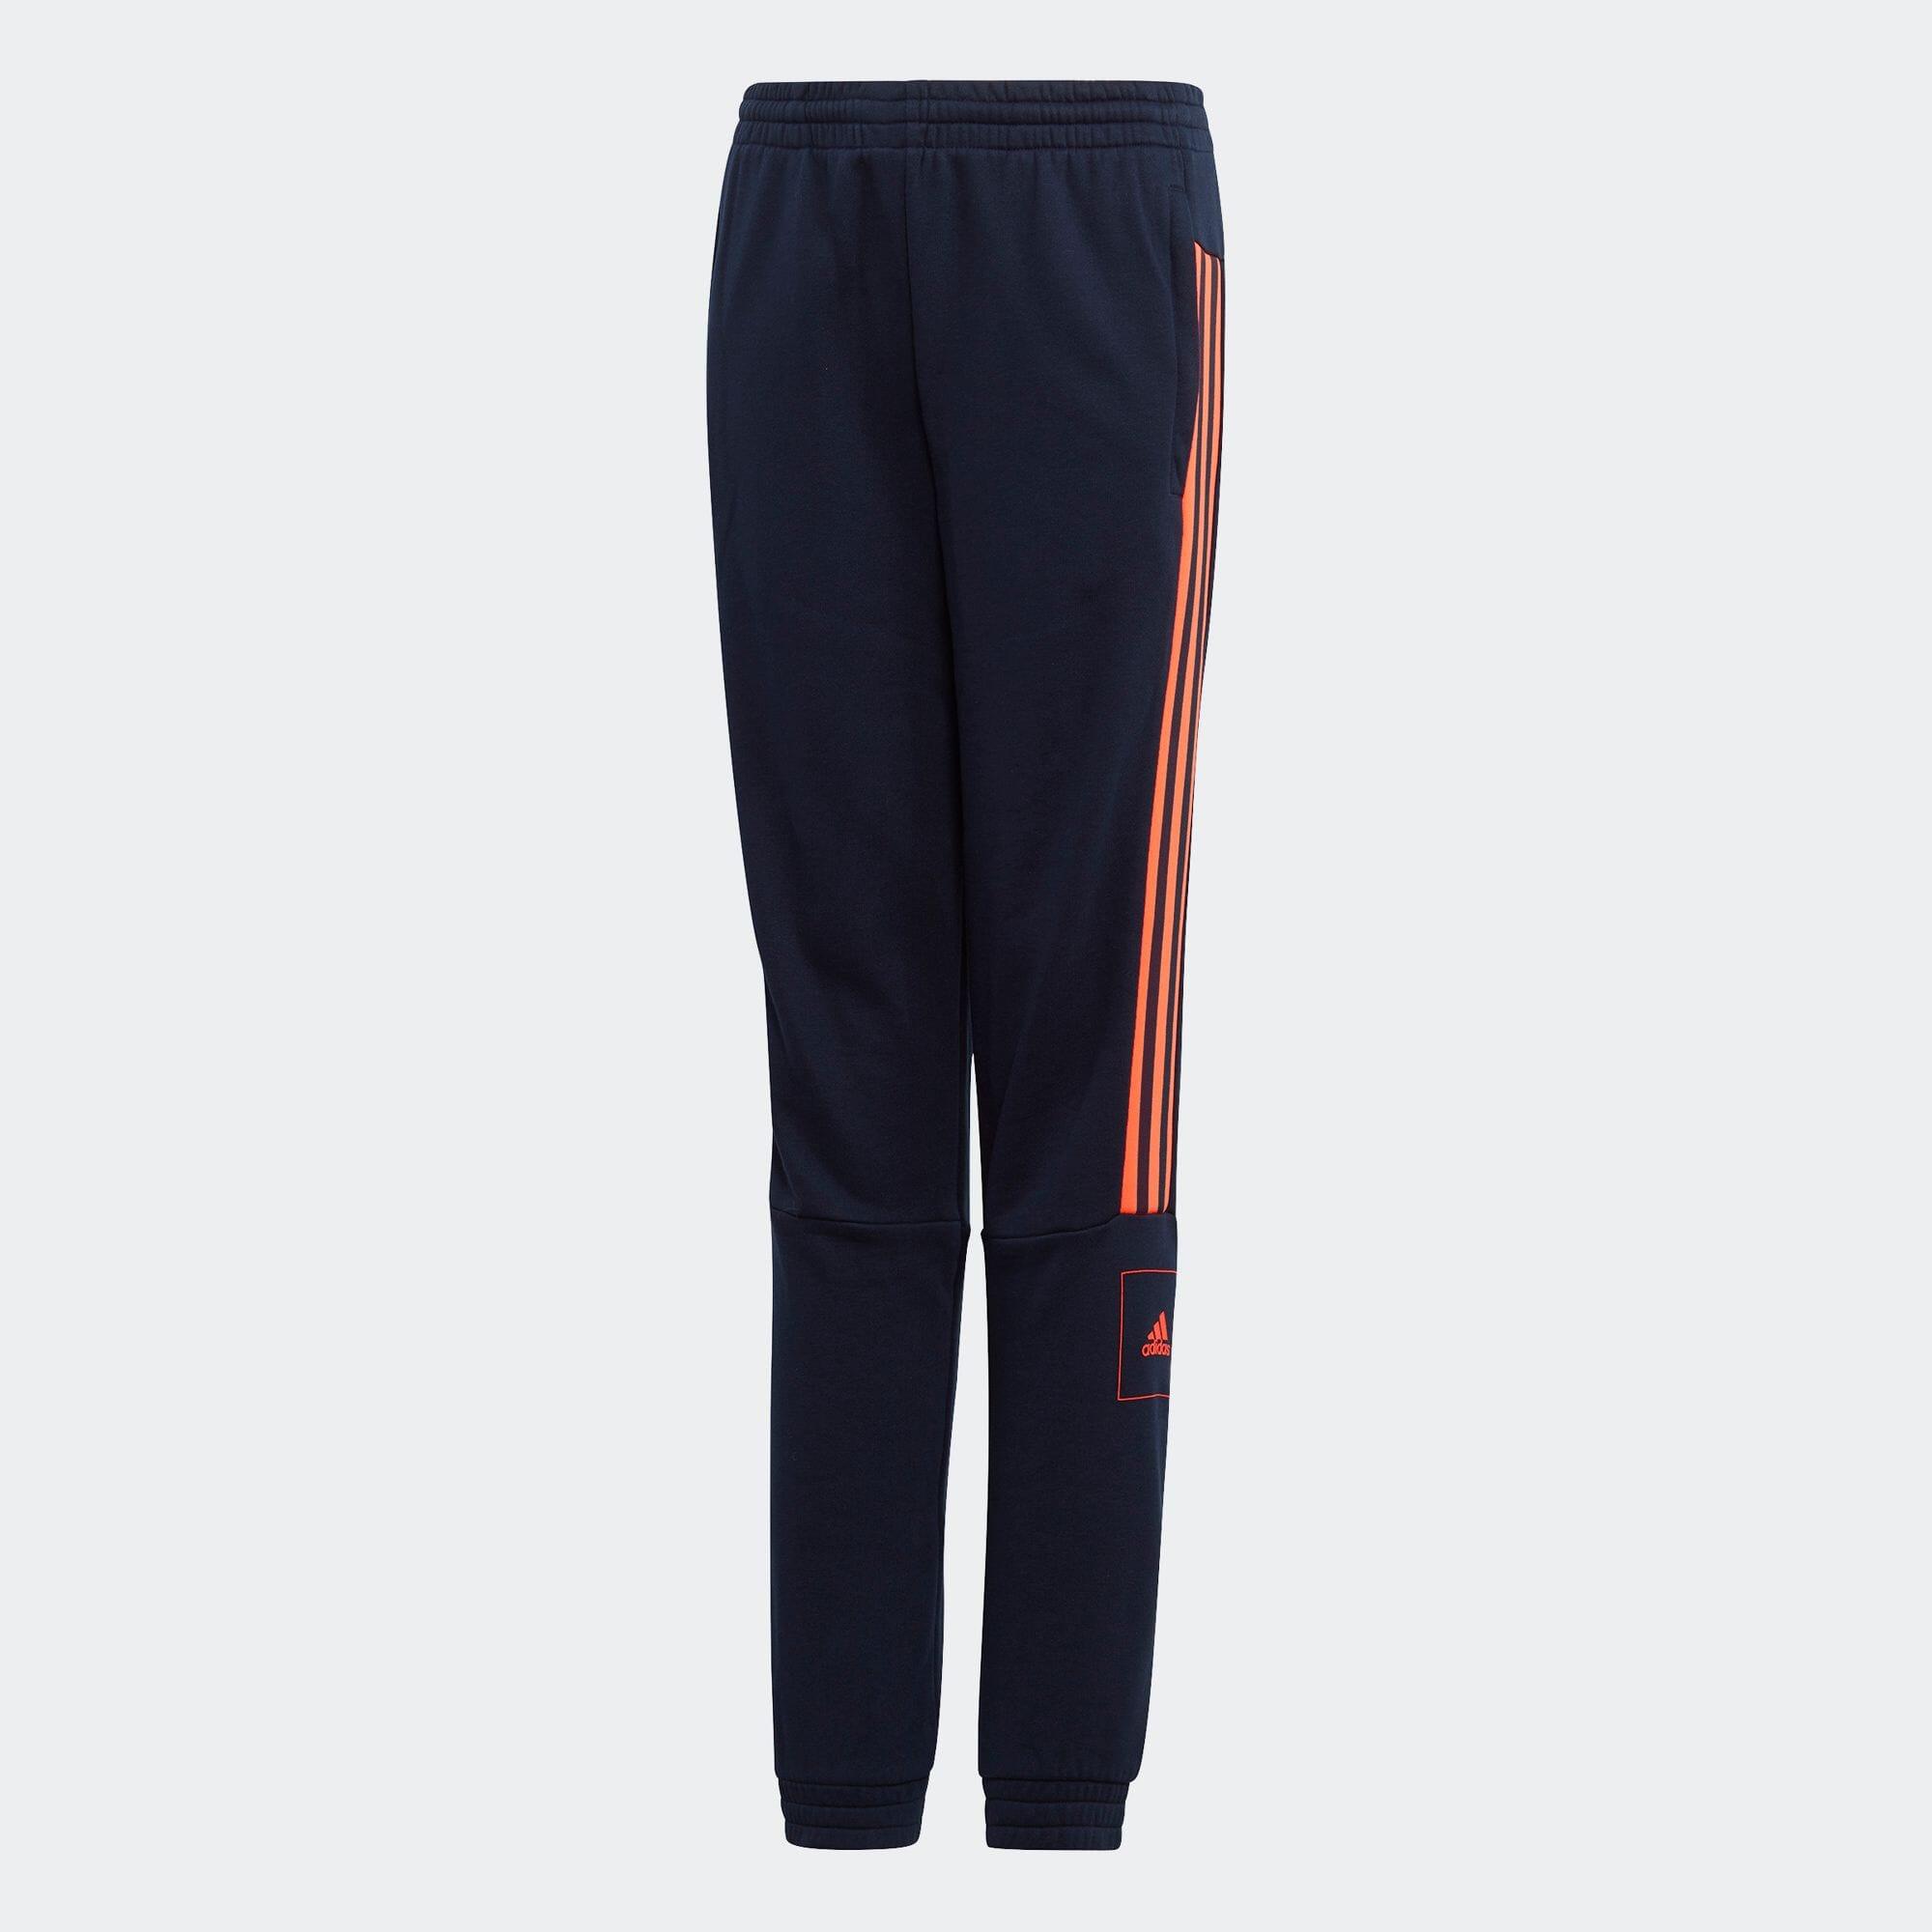 アディダス アスレティクス クラブ フレンチテリーパンツ / adidas Athletics Club French Terry Pants